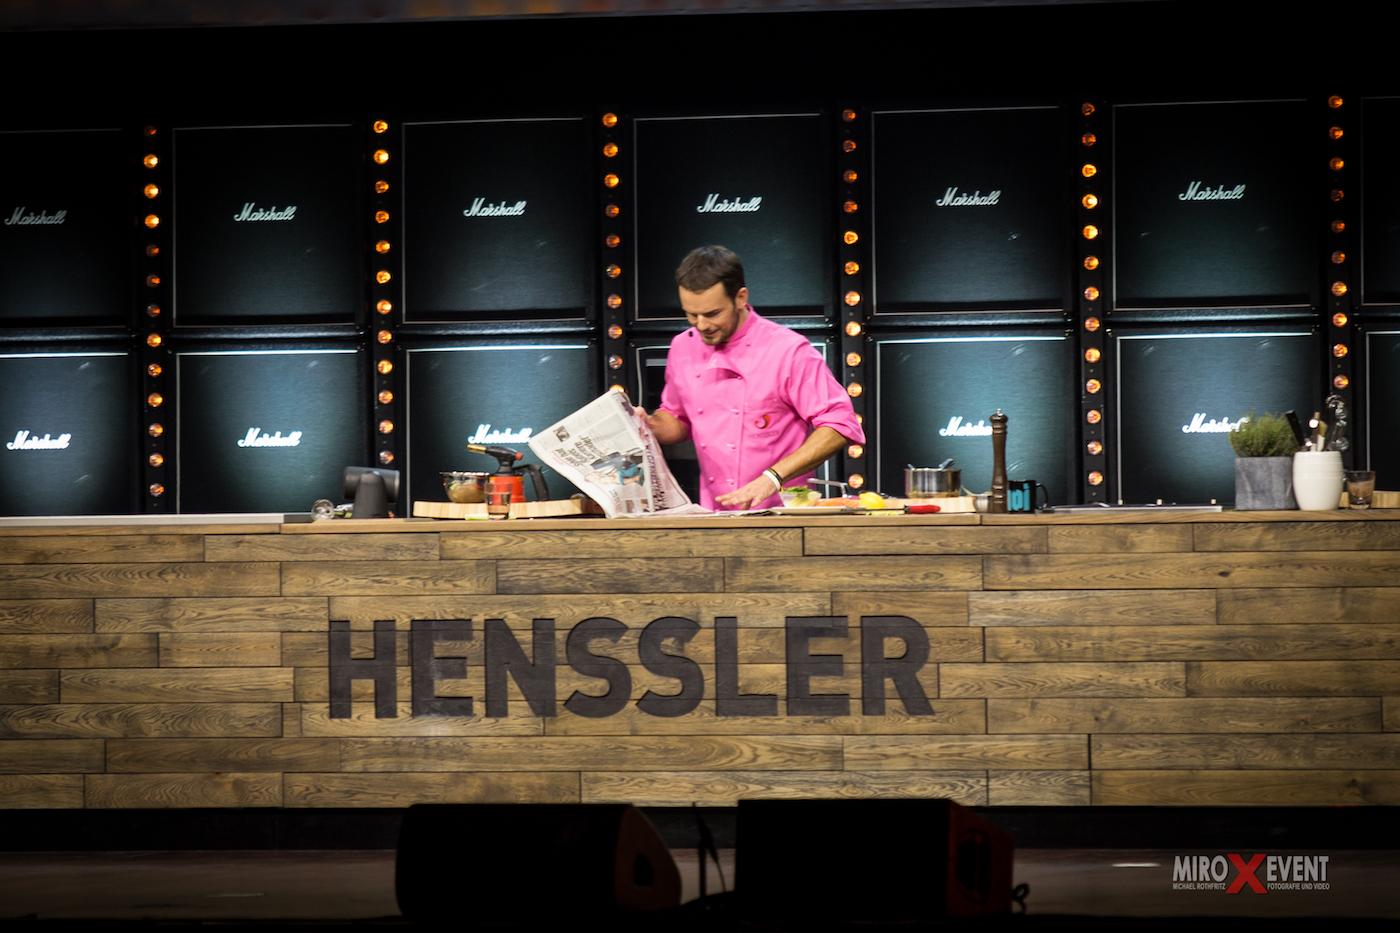 henssler-10-15